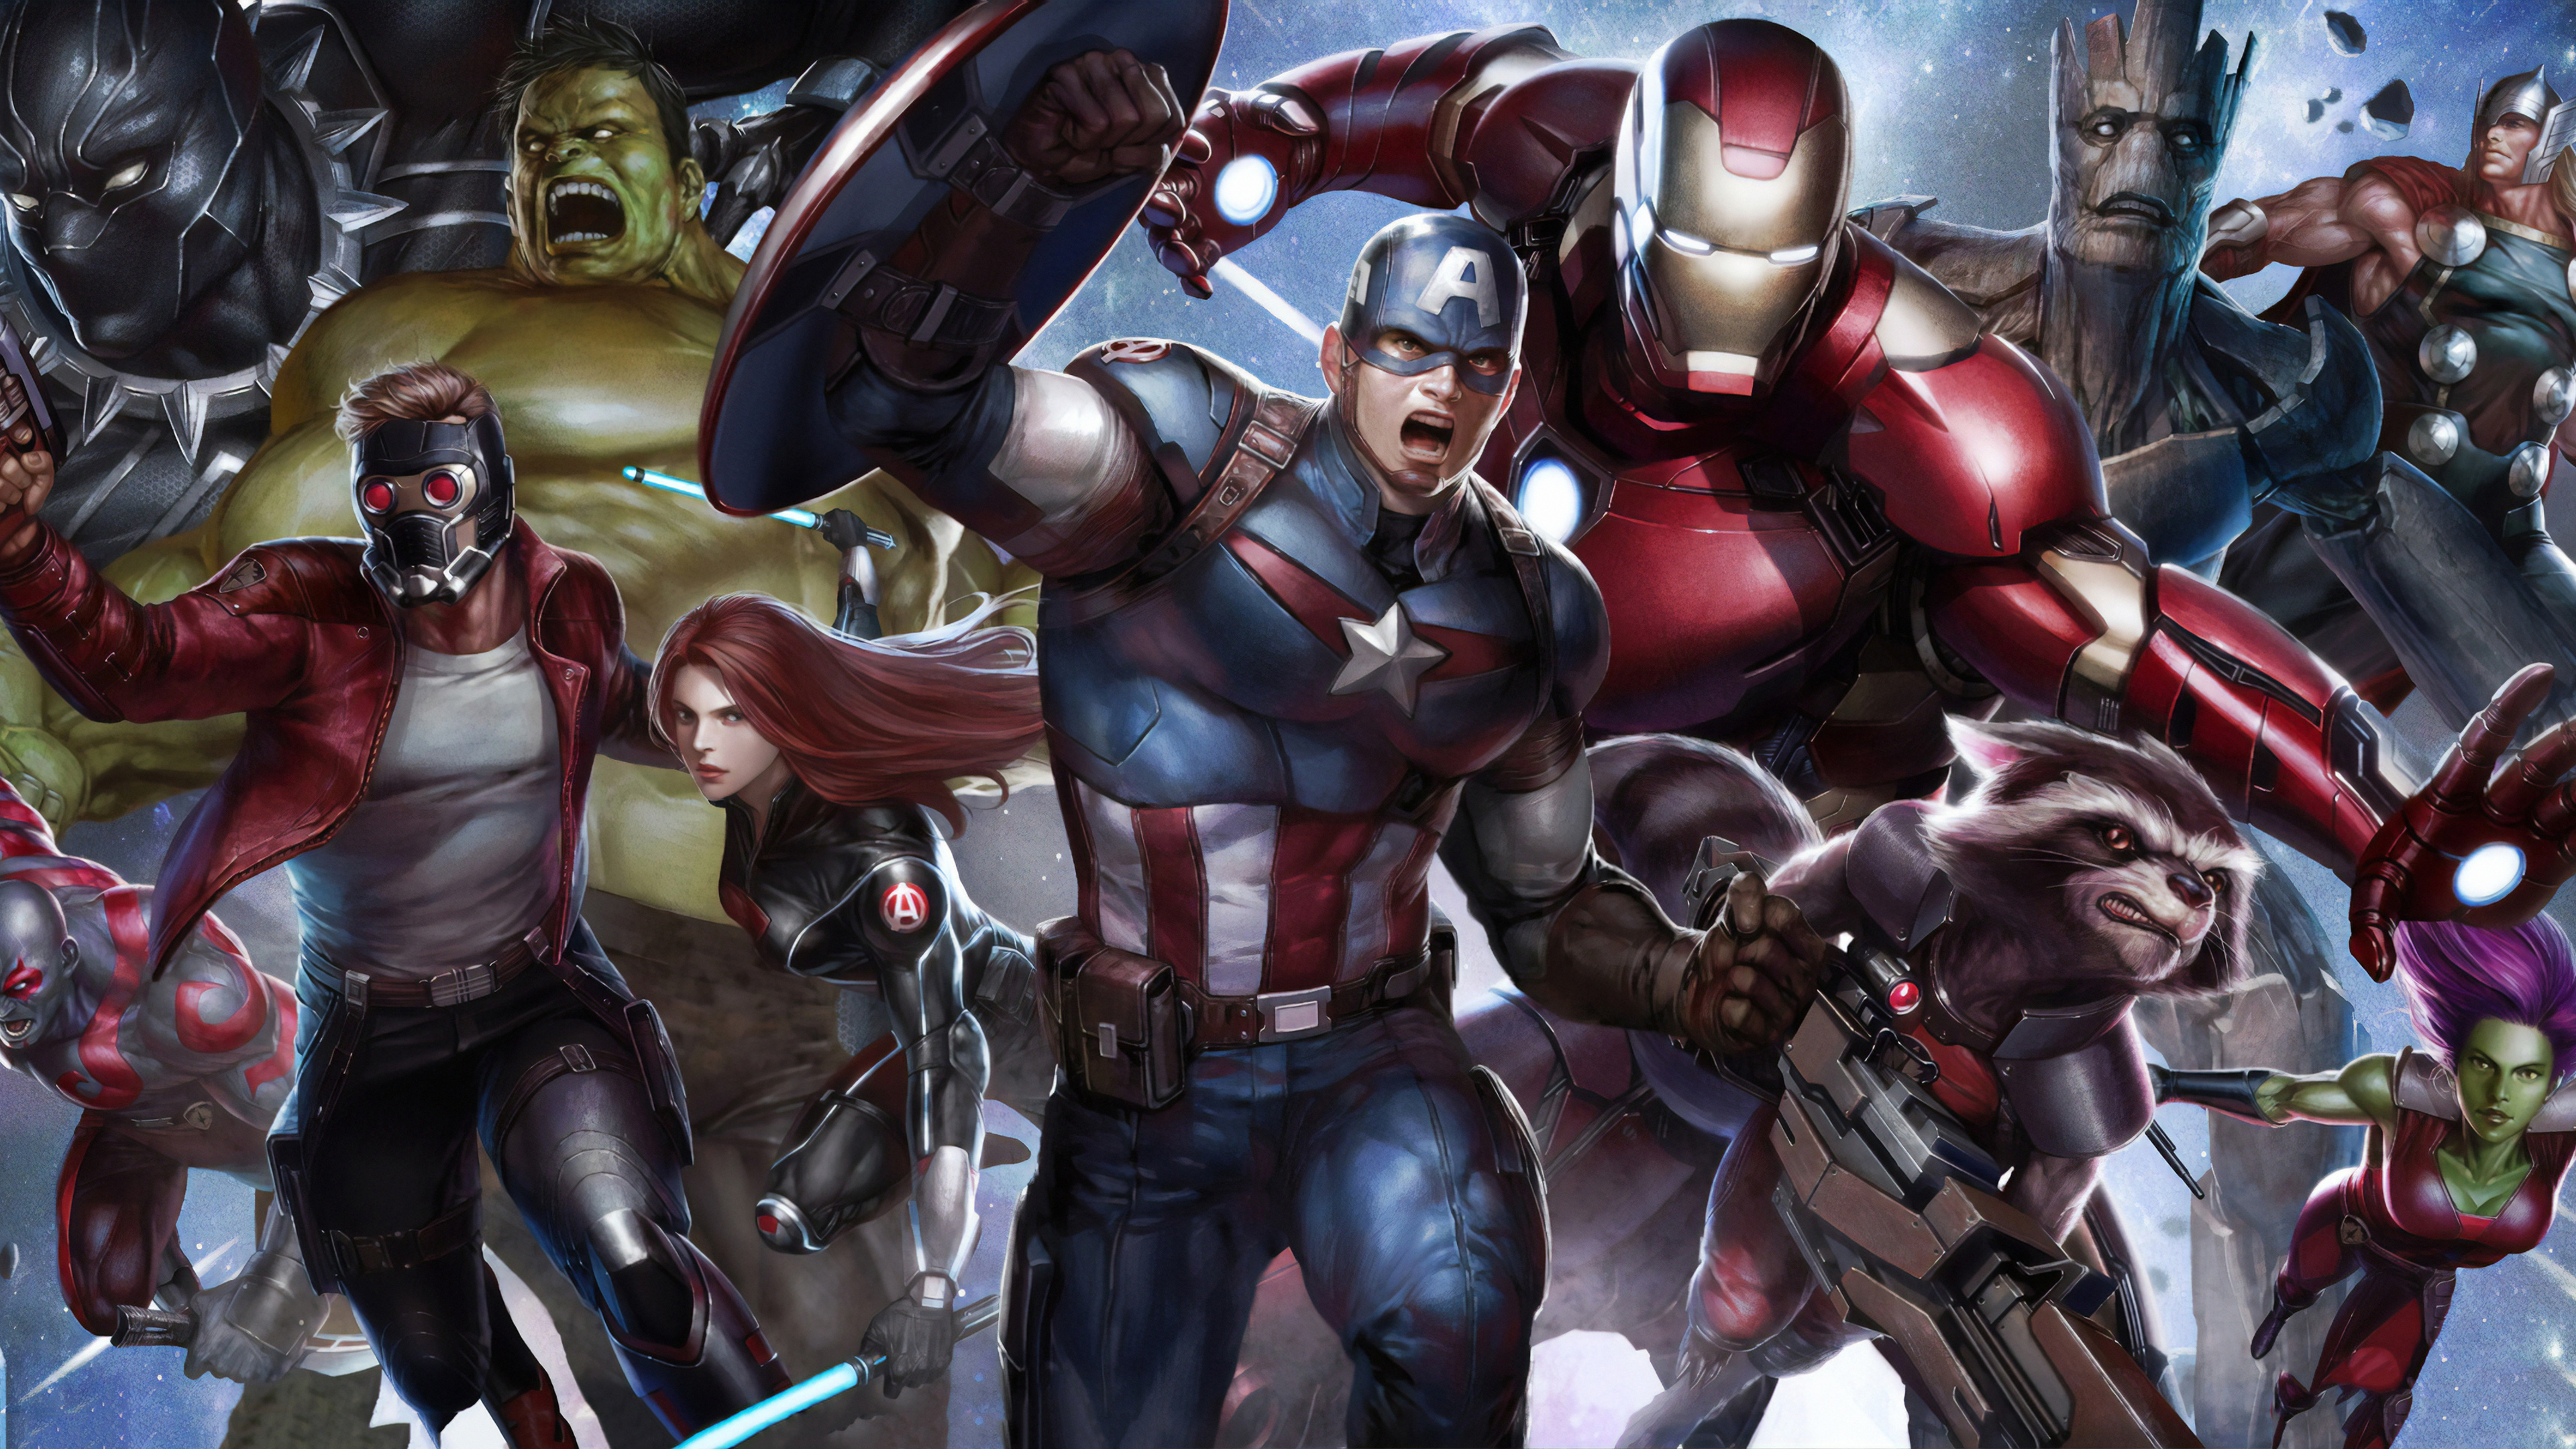 Wallpaper 4k All Avengers Assemble ...